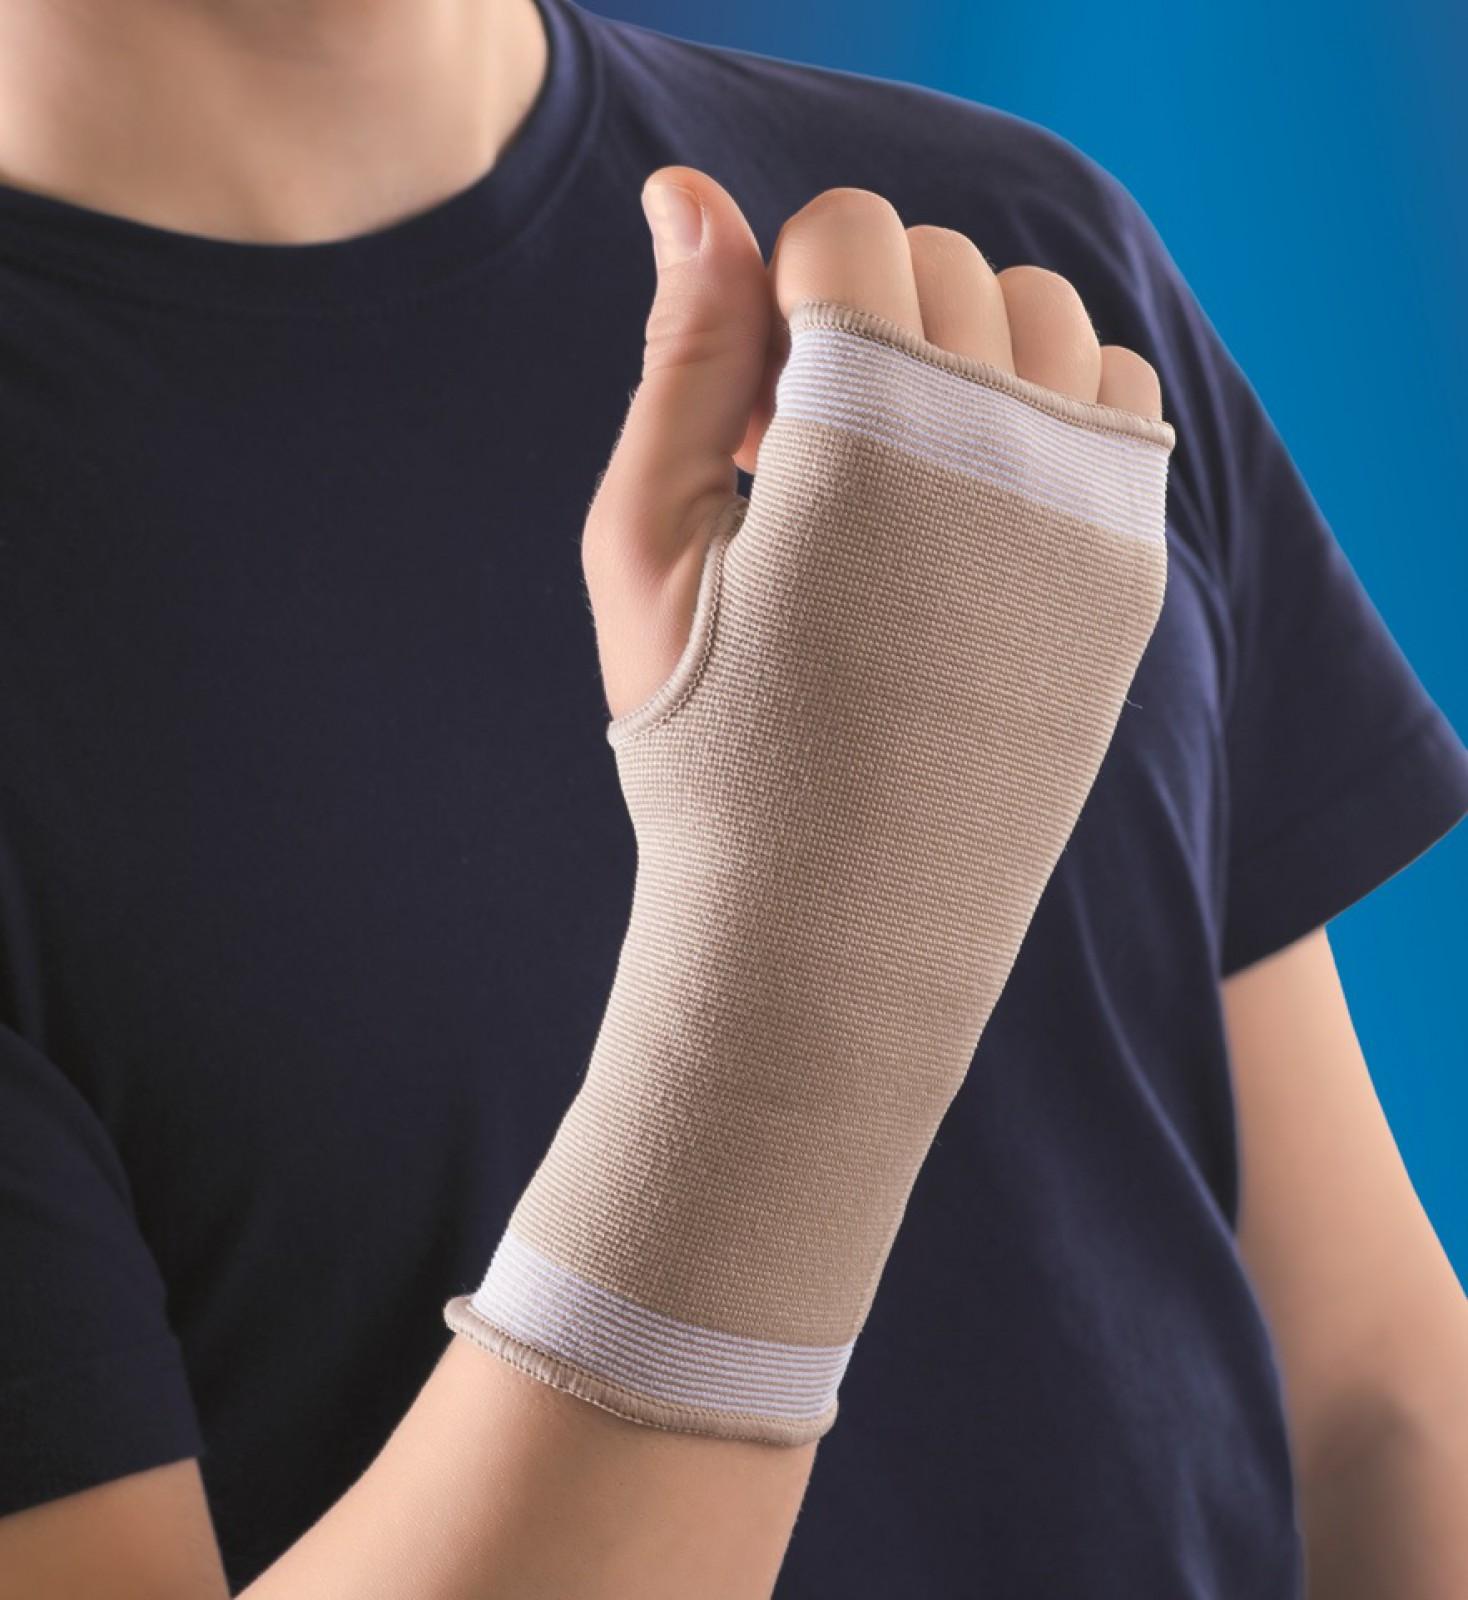 Elasztikus csukló és kézfej szorító (GYAH1405)